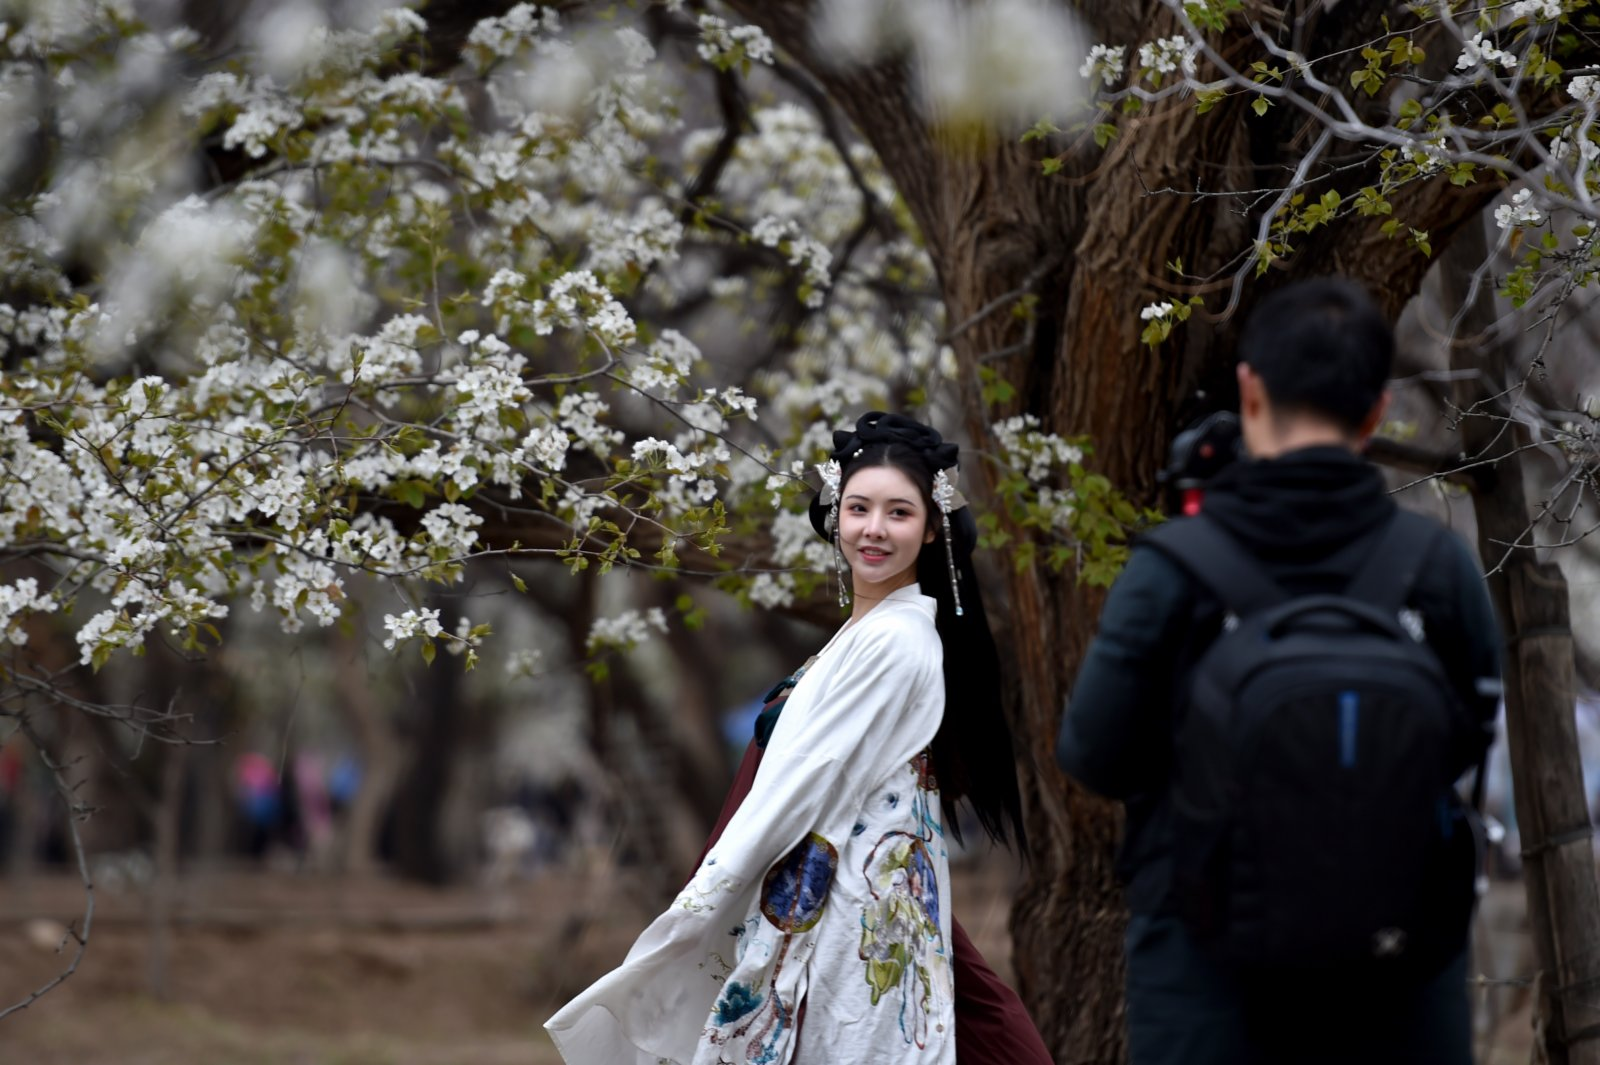 4月3日,遊客在中衛市南長灘村梨花園內拍照留影。(新華社)